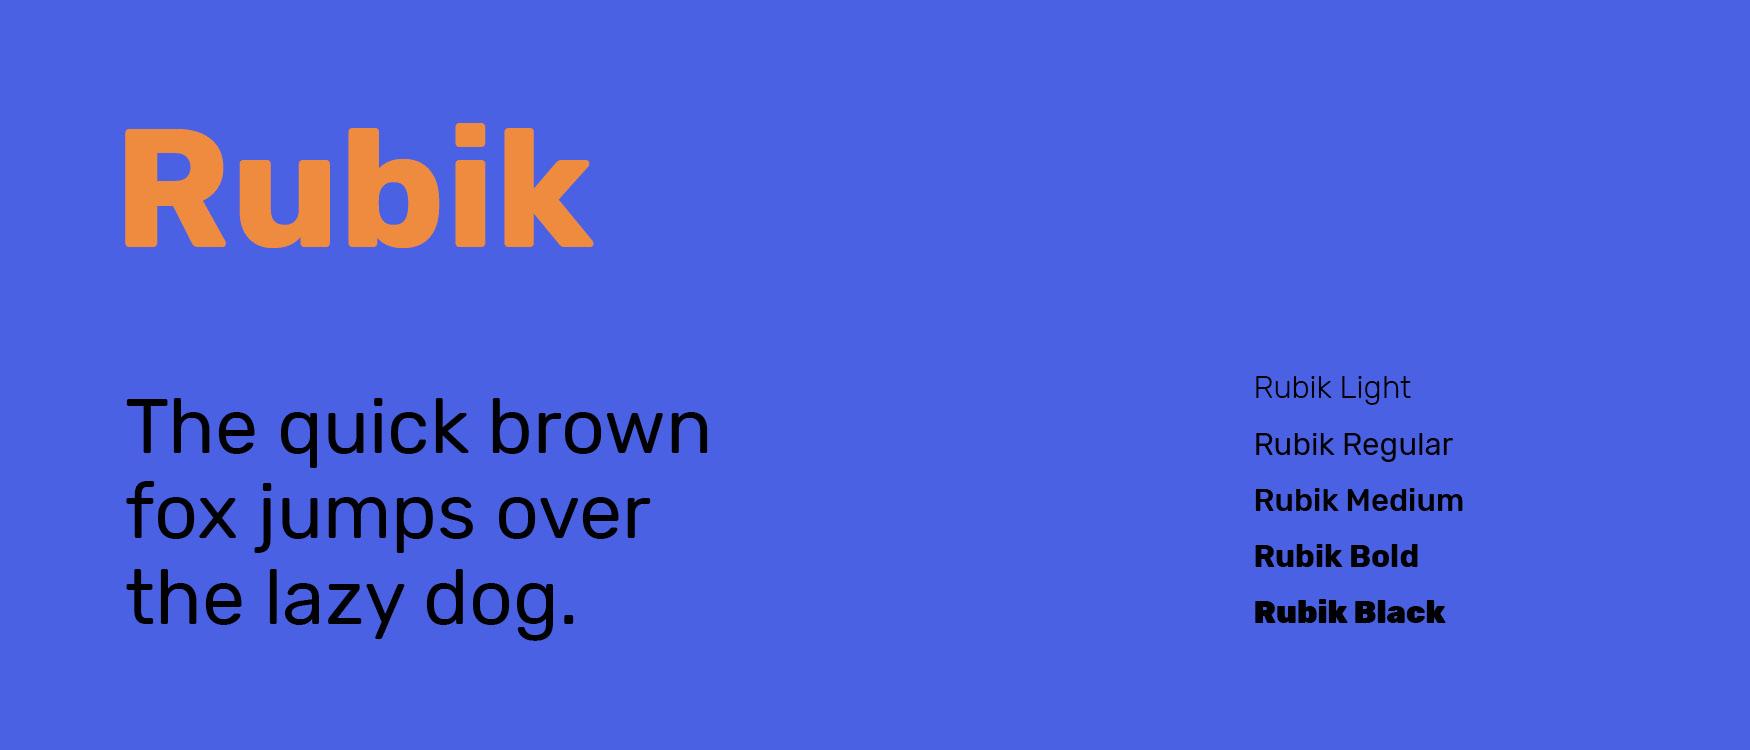 Rubik Google Fonts Web Fonts